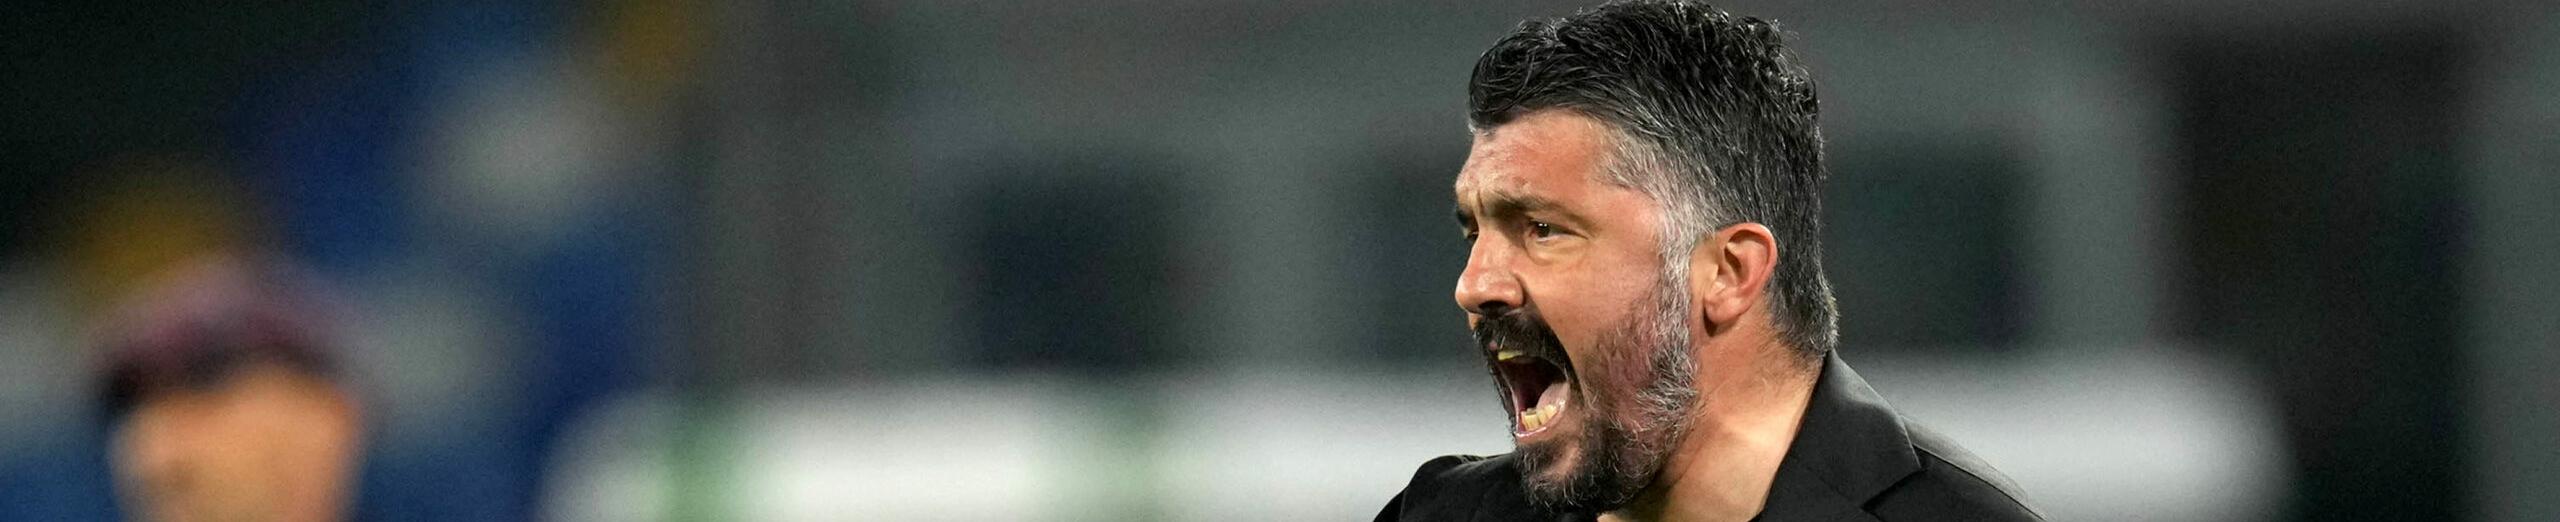 Milan-Napoli, Gattuso sfida il passato per un futuro da Champions